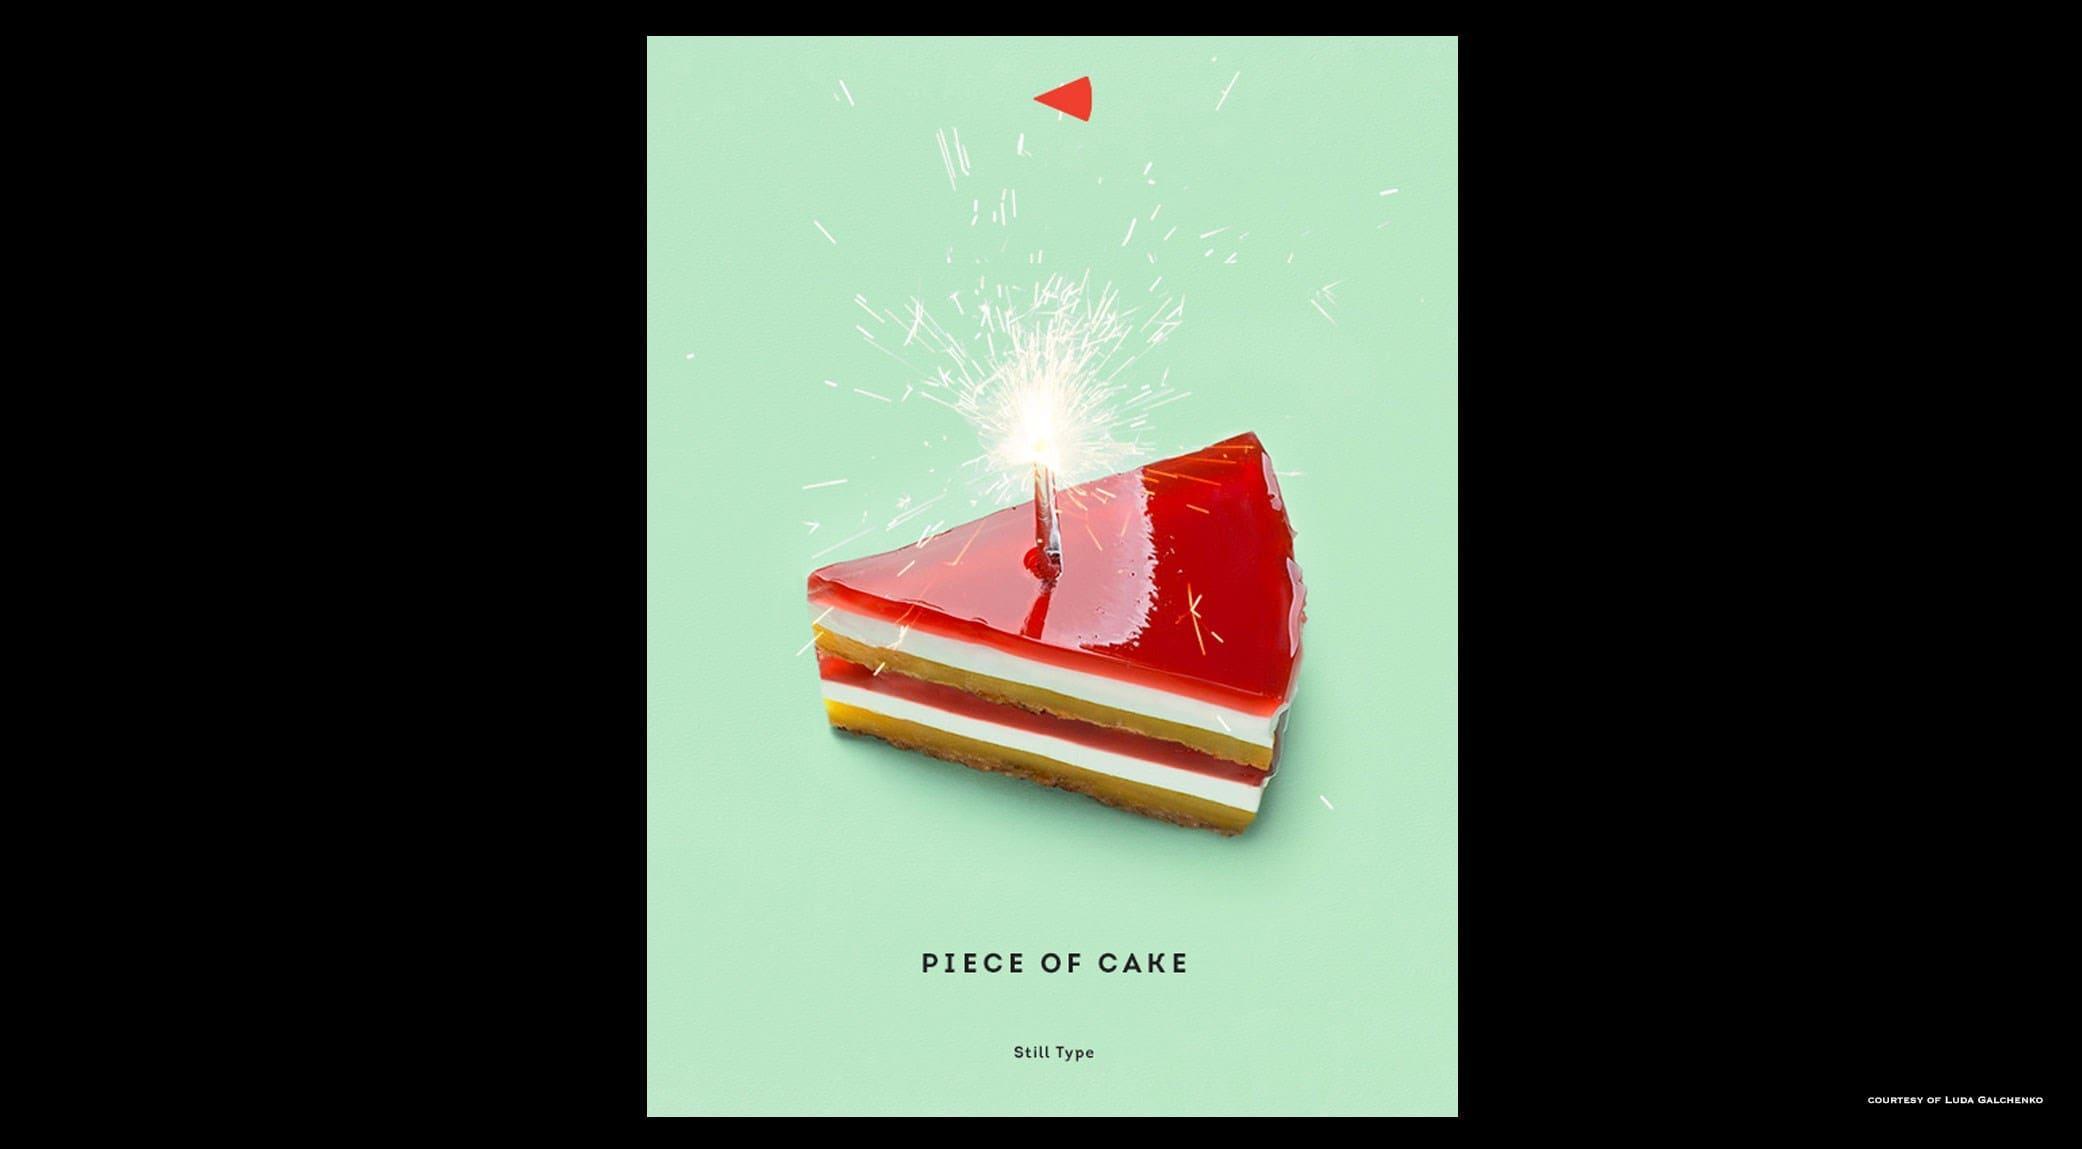 original_001-pieceofcake-Luda-Galchenko-finedininglovers.jpg